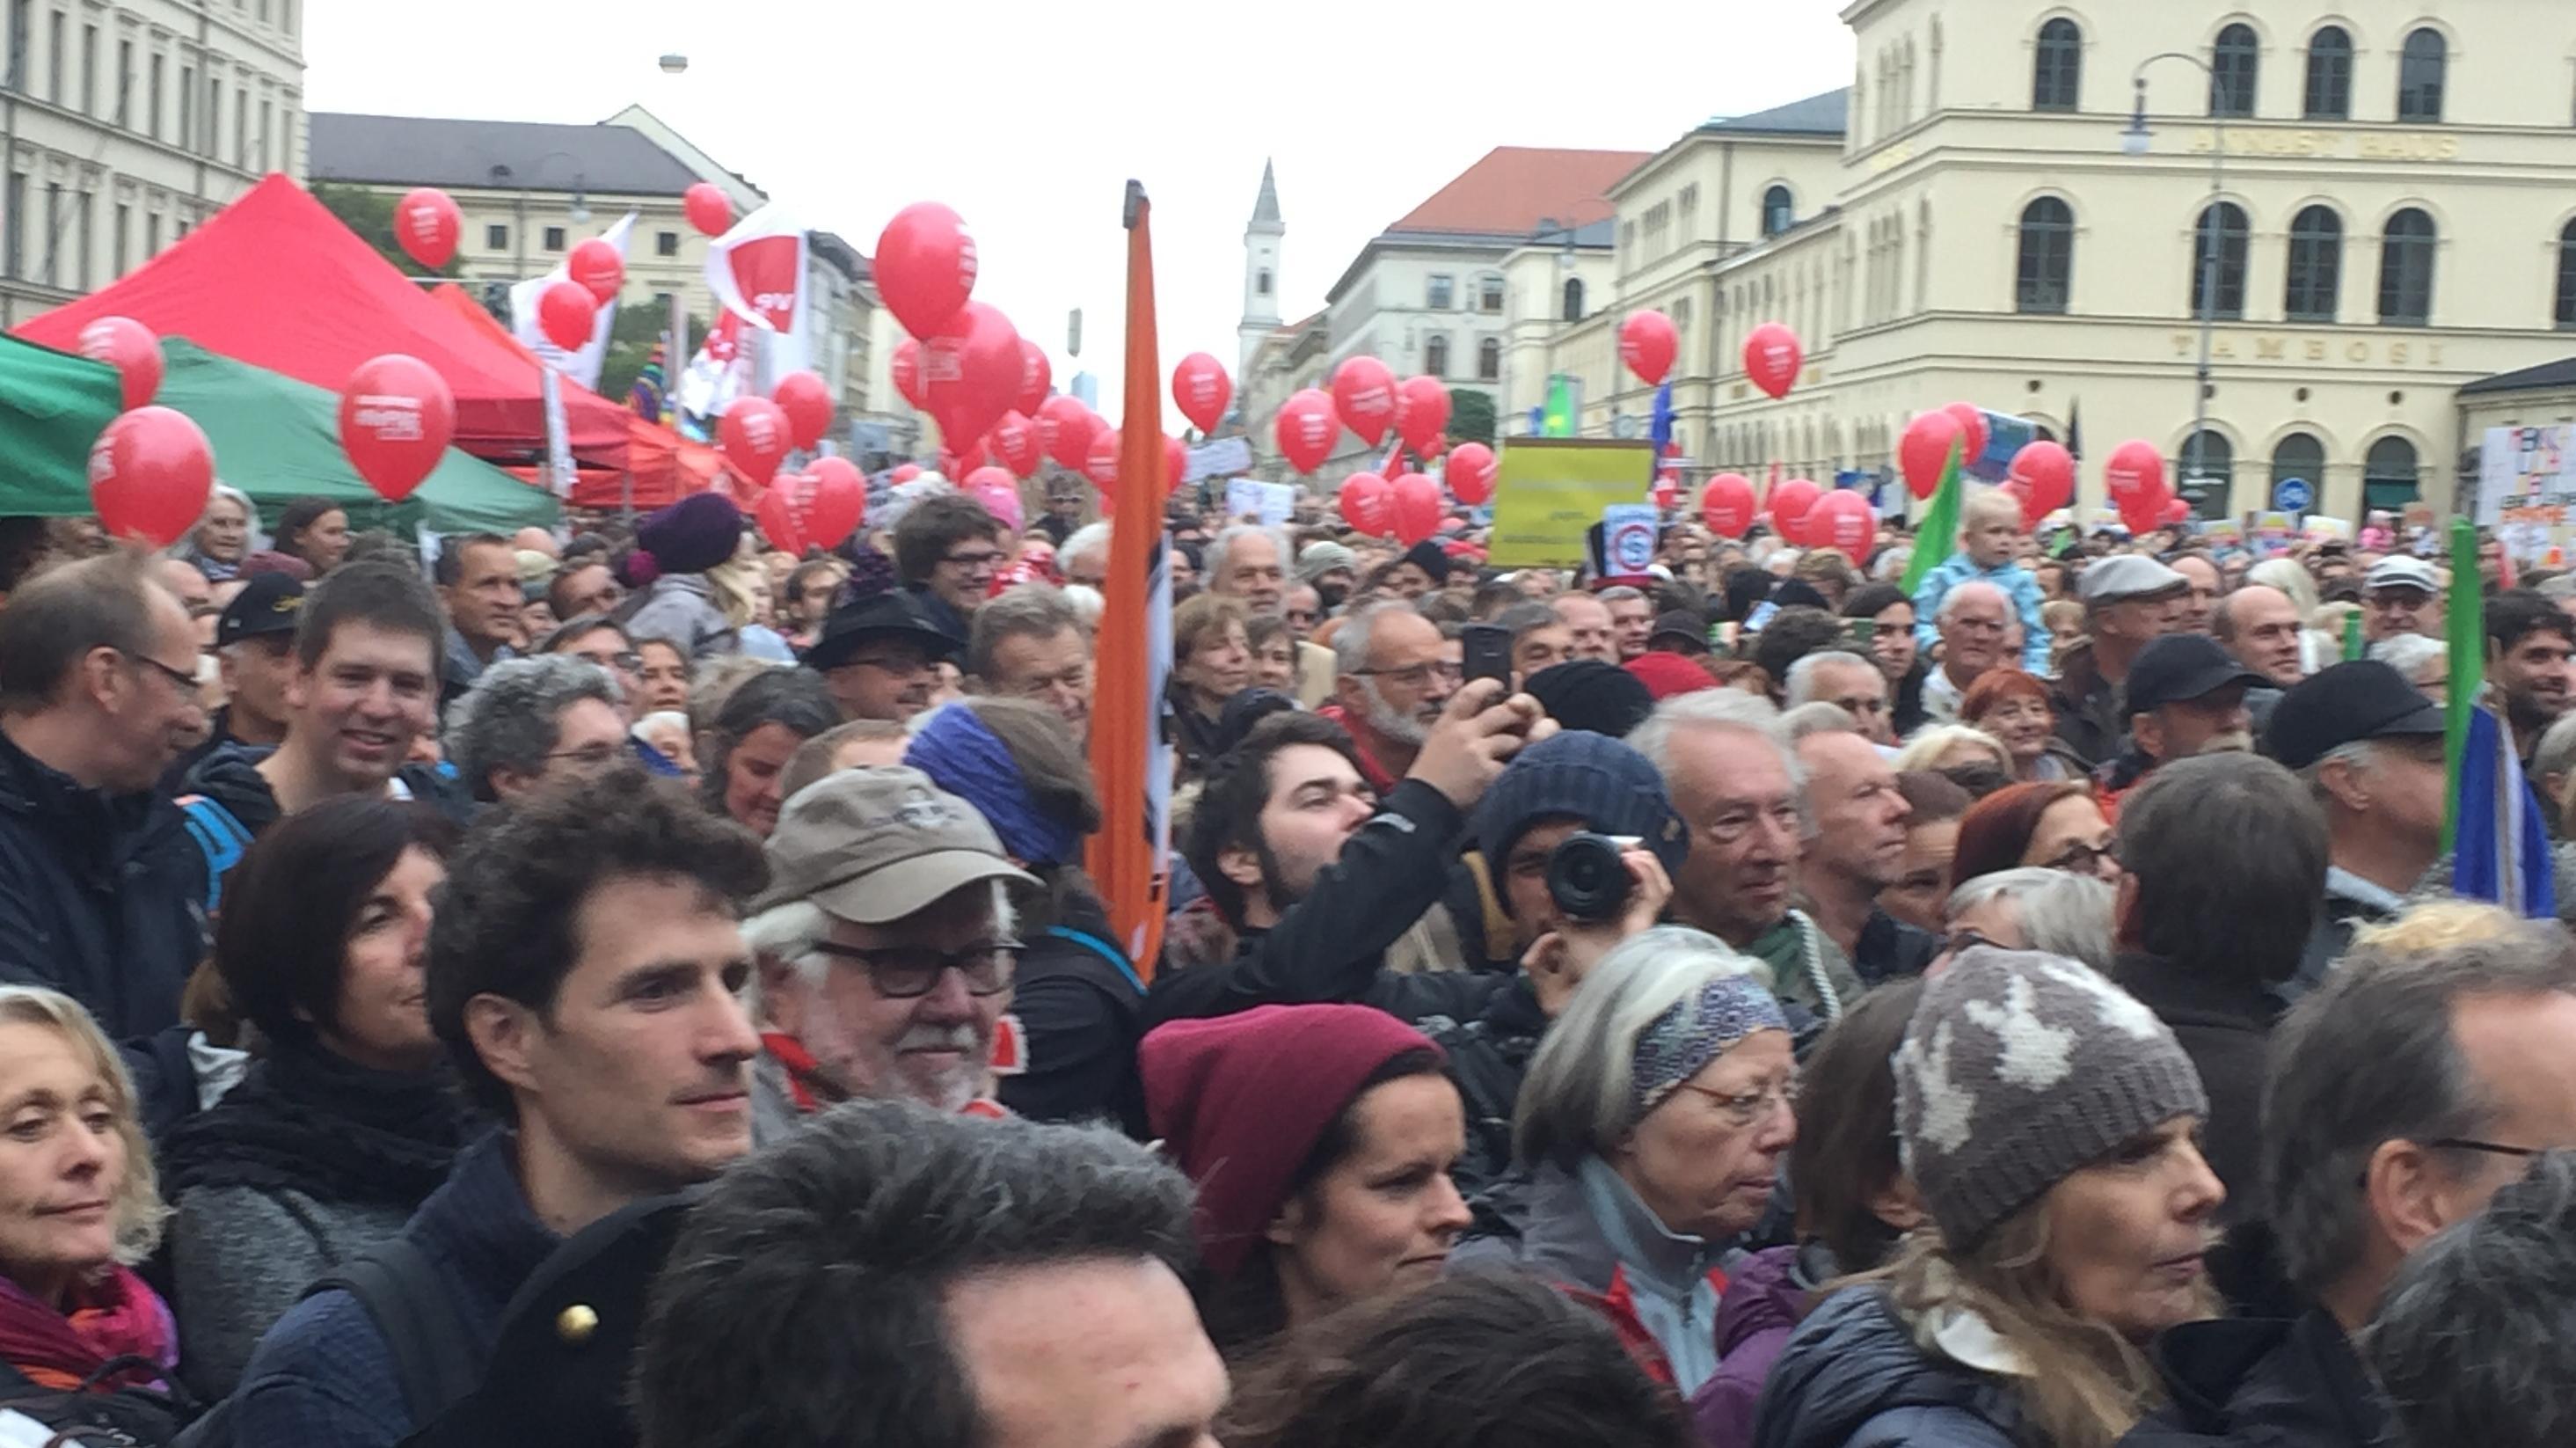 Mehrere Organisationen und Parteien hatten sich dem Aufruf zur Demonstration angeschlossen.